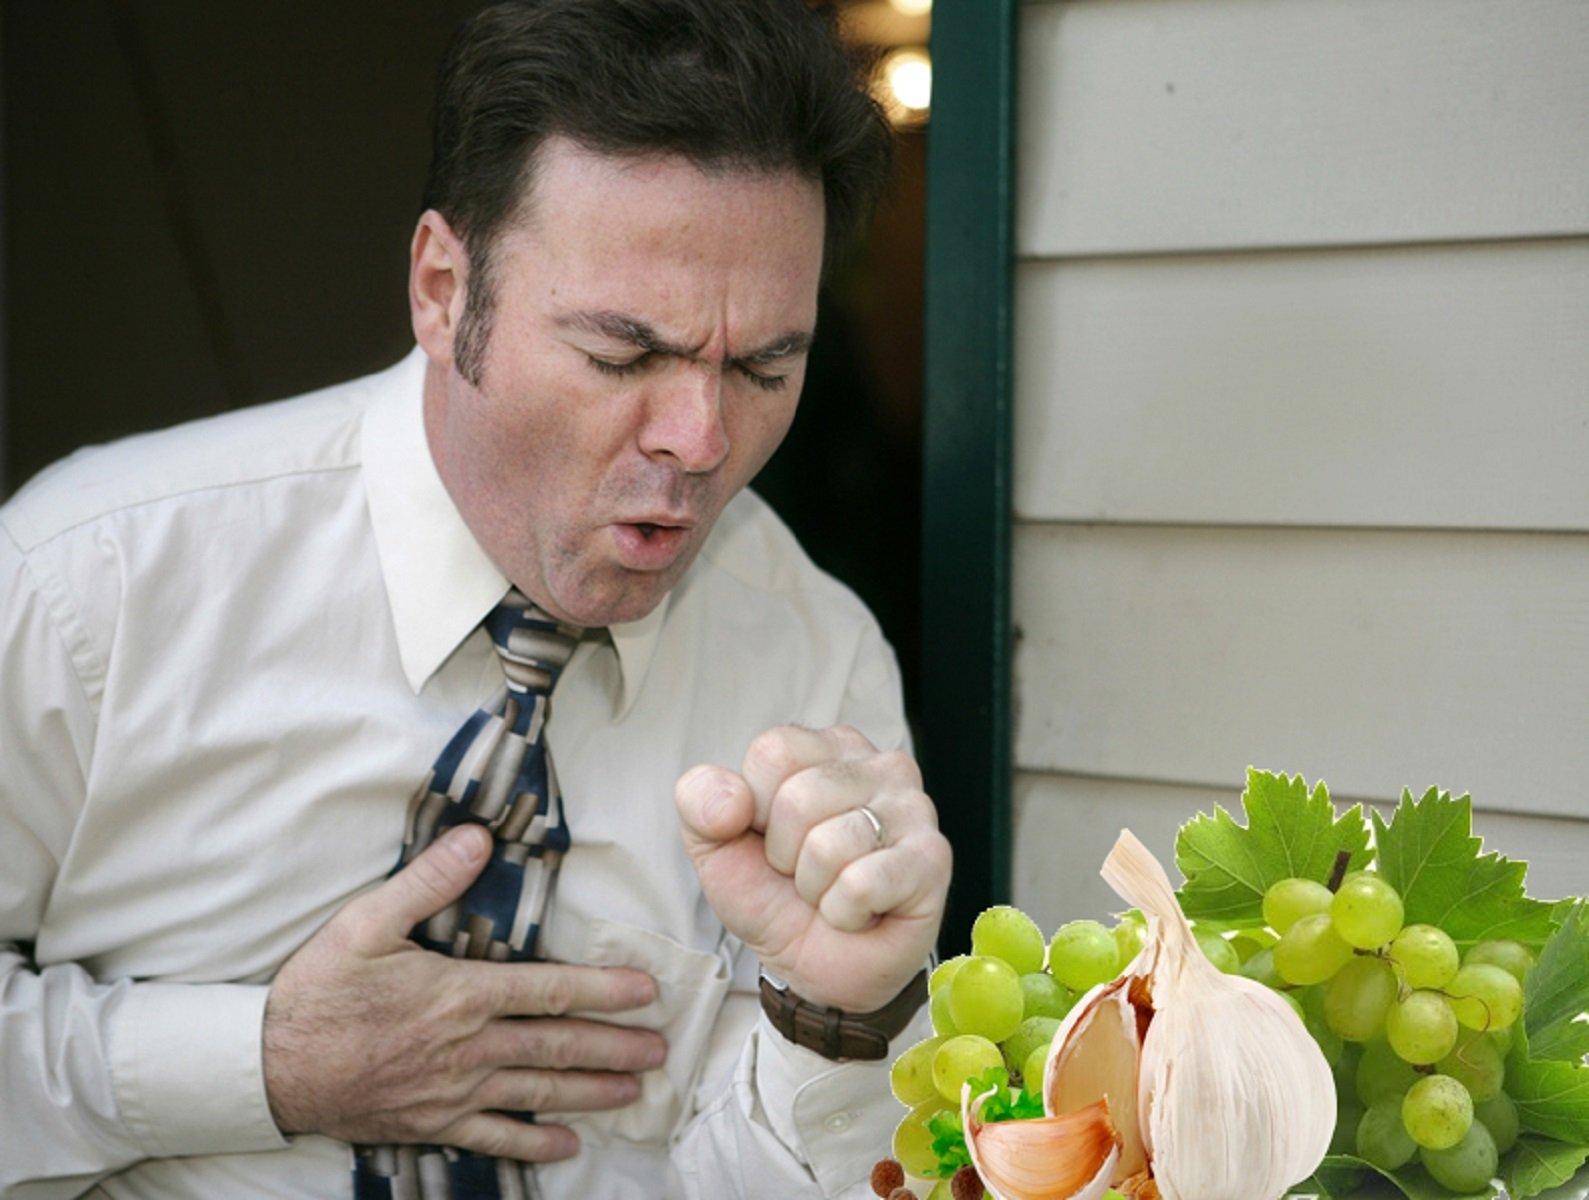 Виноград и чеснок чтоб дышать нормально мог: Ягода и овощ помогут при астме - Версия.Инфо